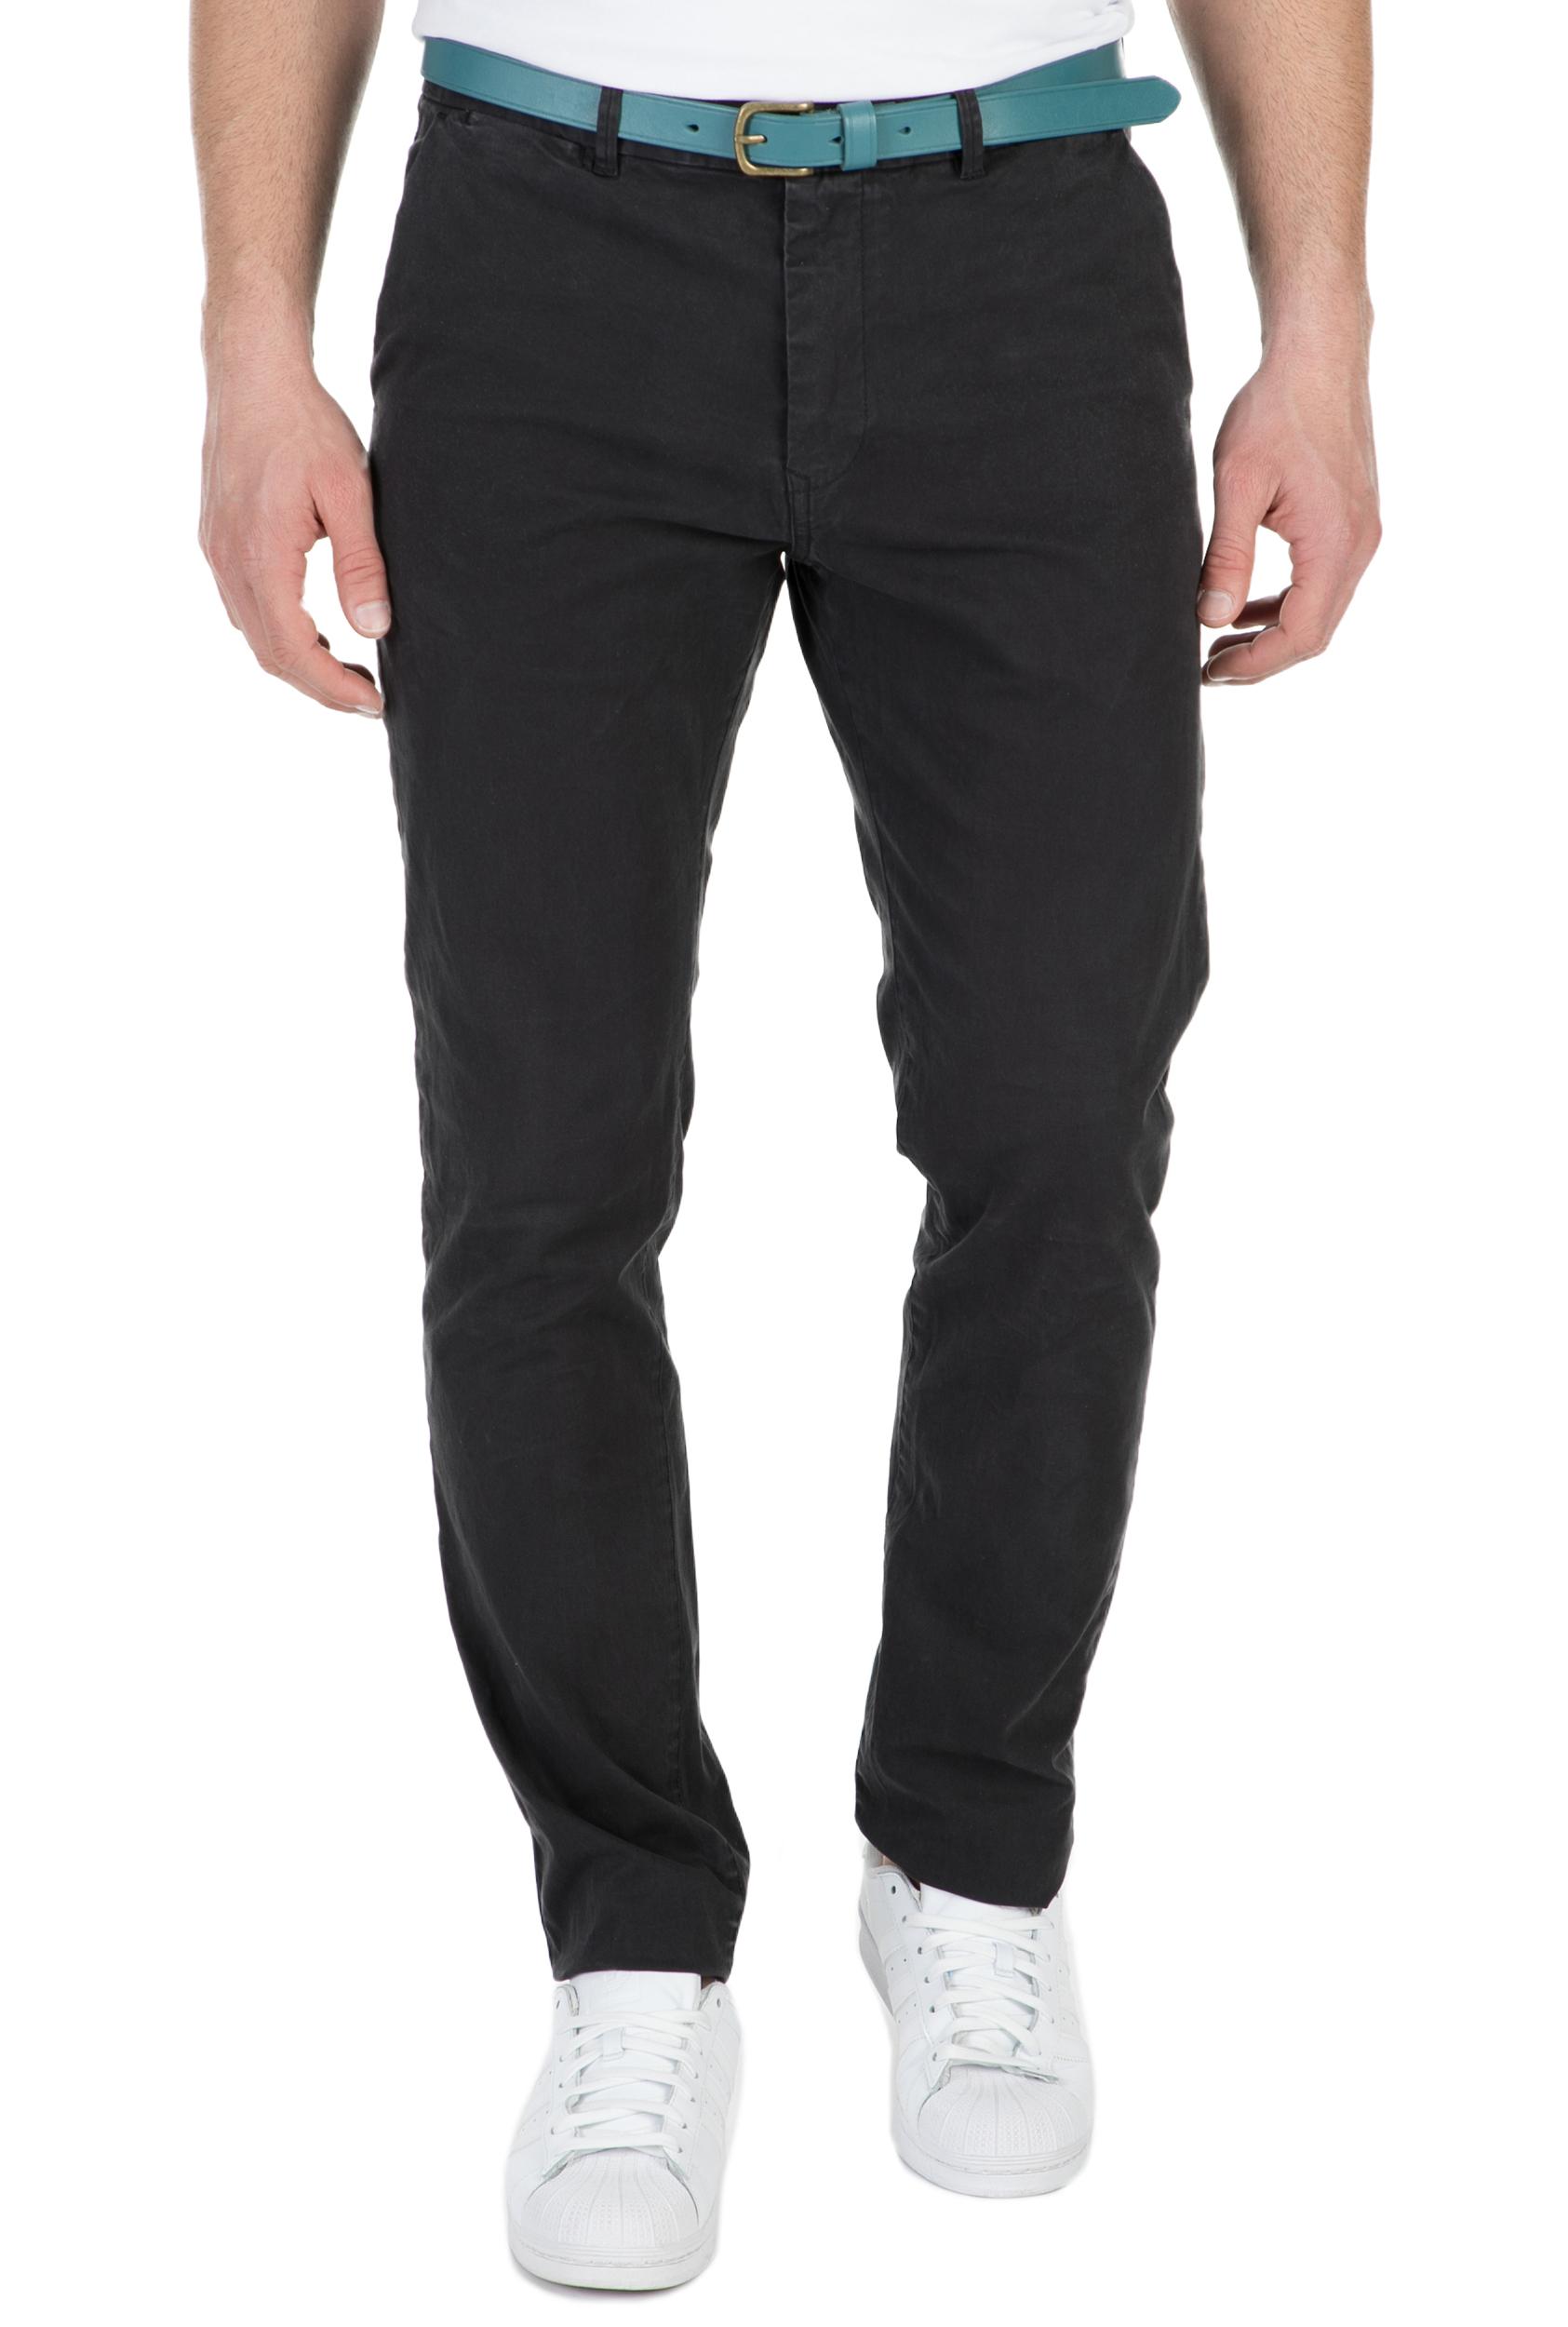 SCOTCH & SODA - Ανδρικό chino παντελόνι SCOTCH & SODA μαύρο ανδρικά ρούχα παντελόνια chinos